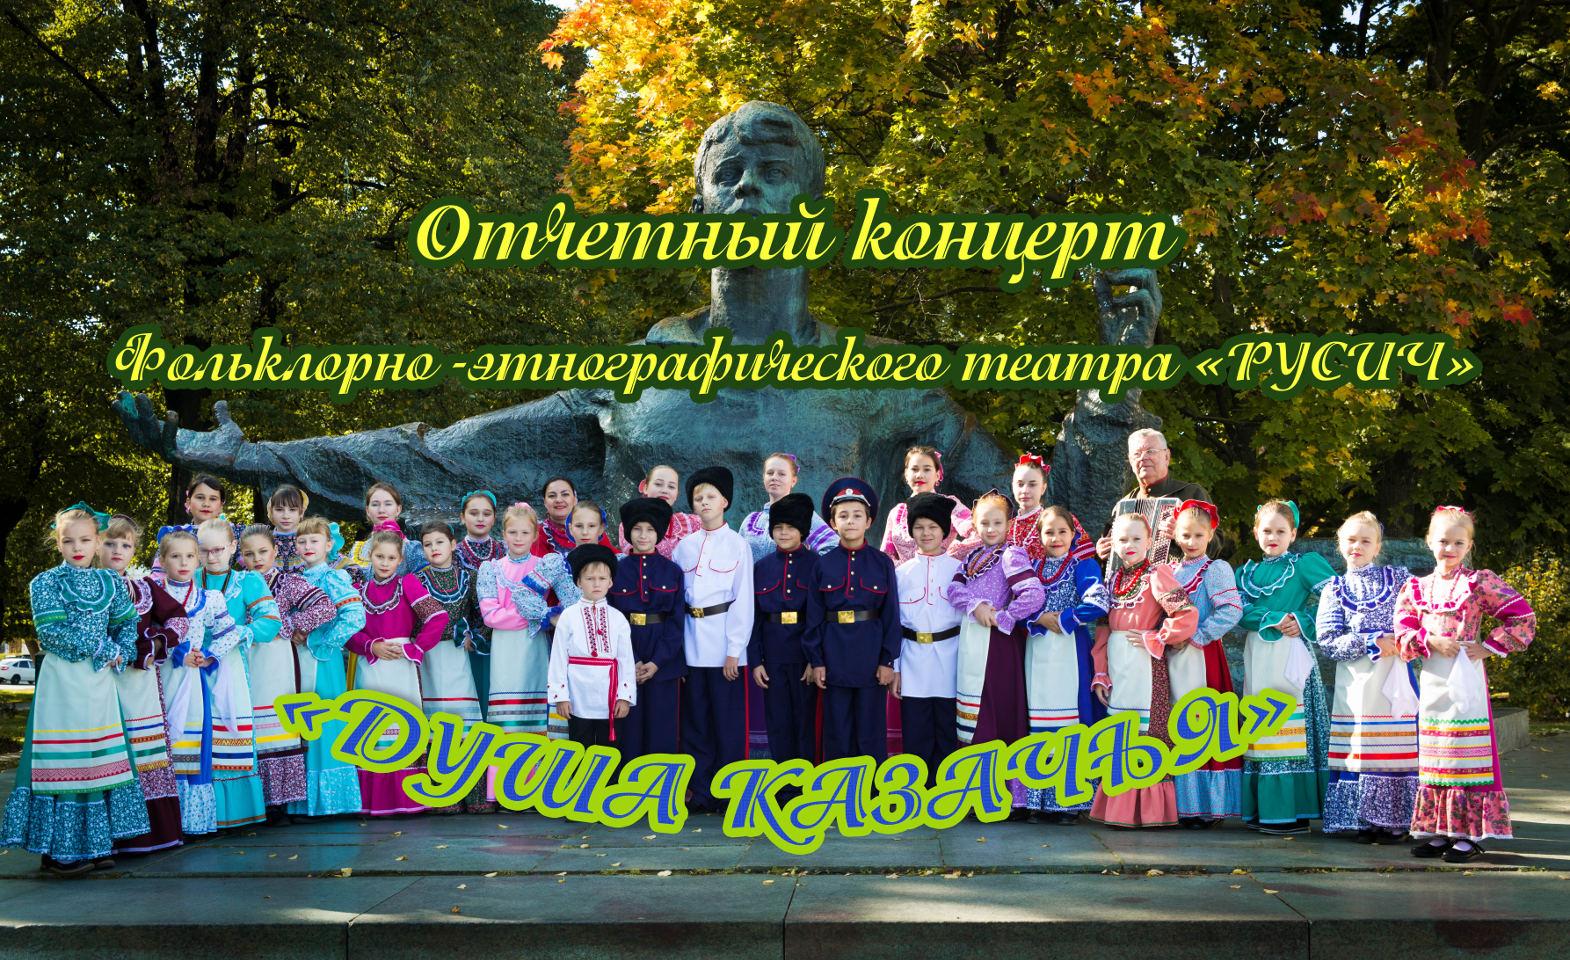 Отчетный концерт «Душа казачья»